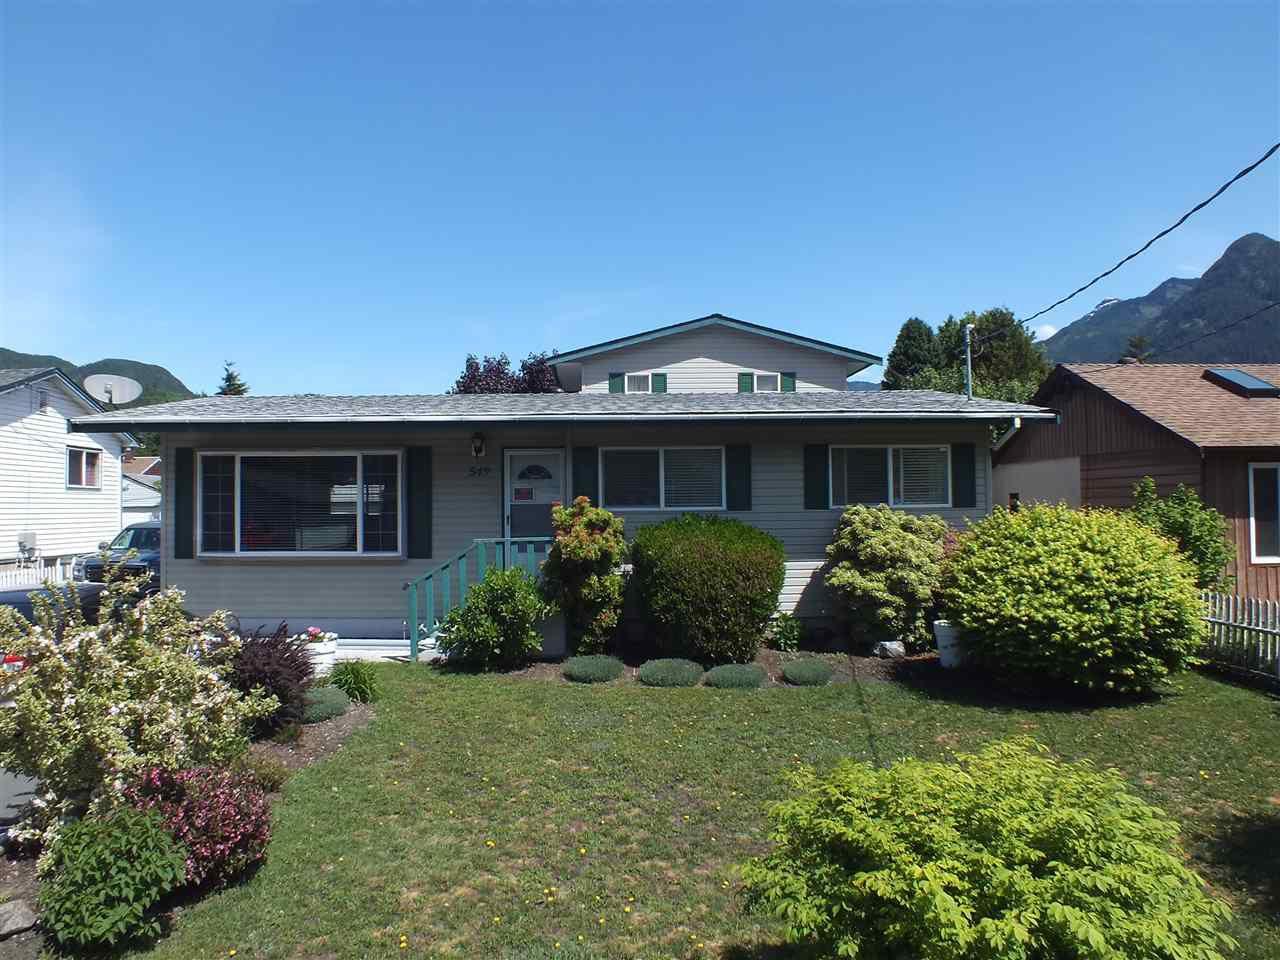 Main Photo: 549 RUPERT Street in Hope: Hope Center House for sale : MLS®# R2370530